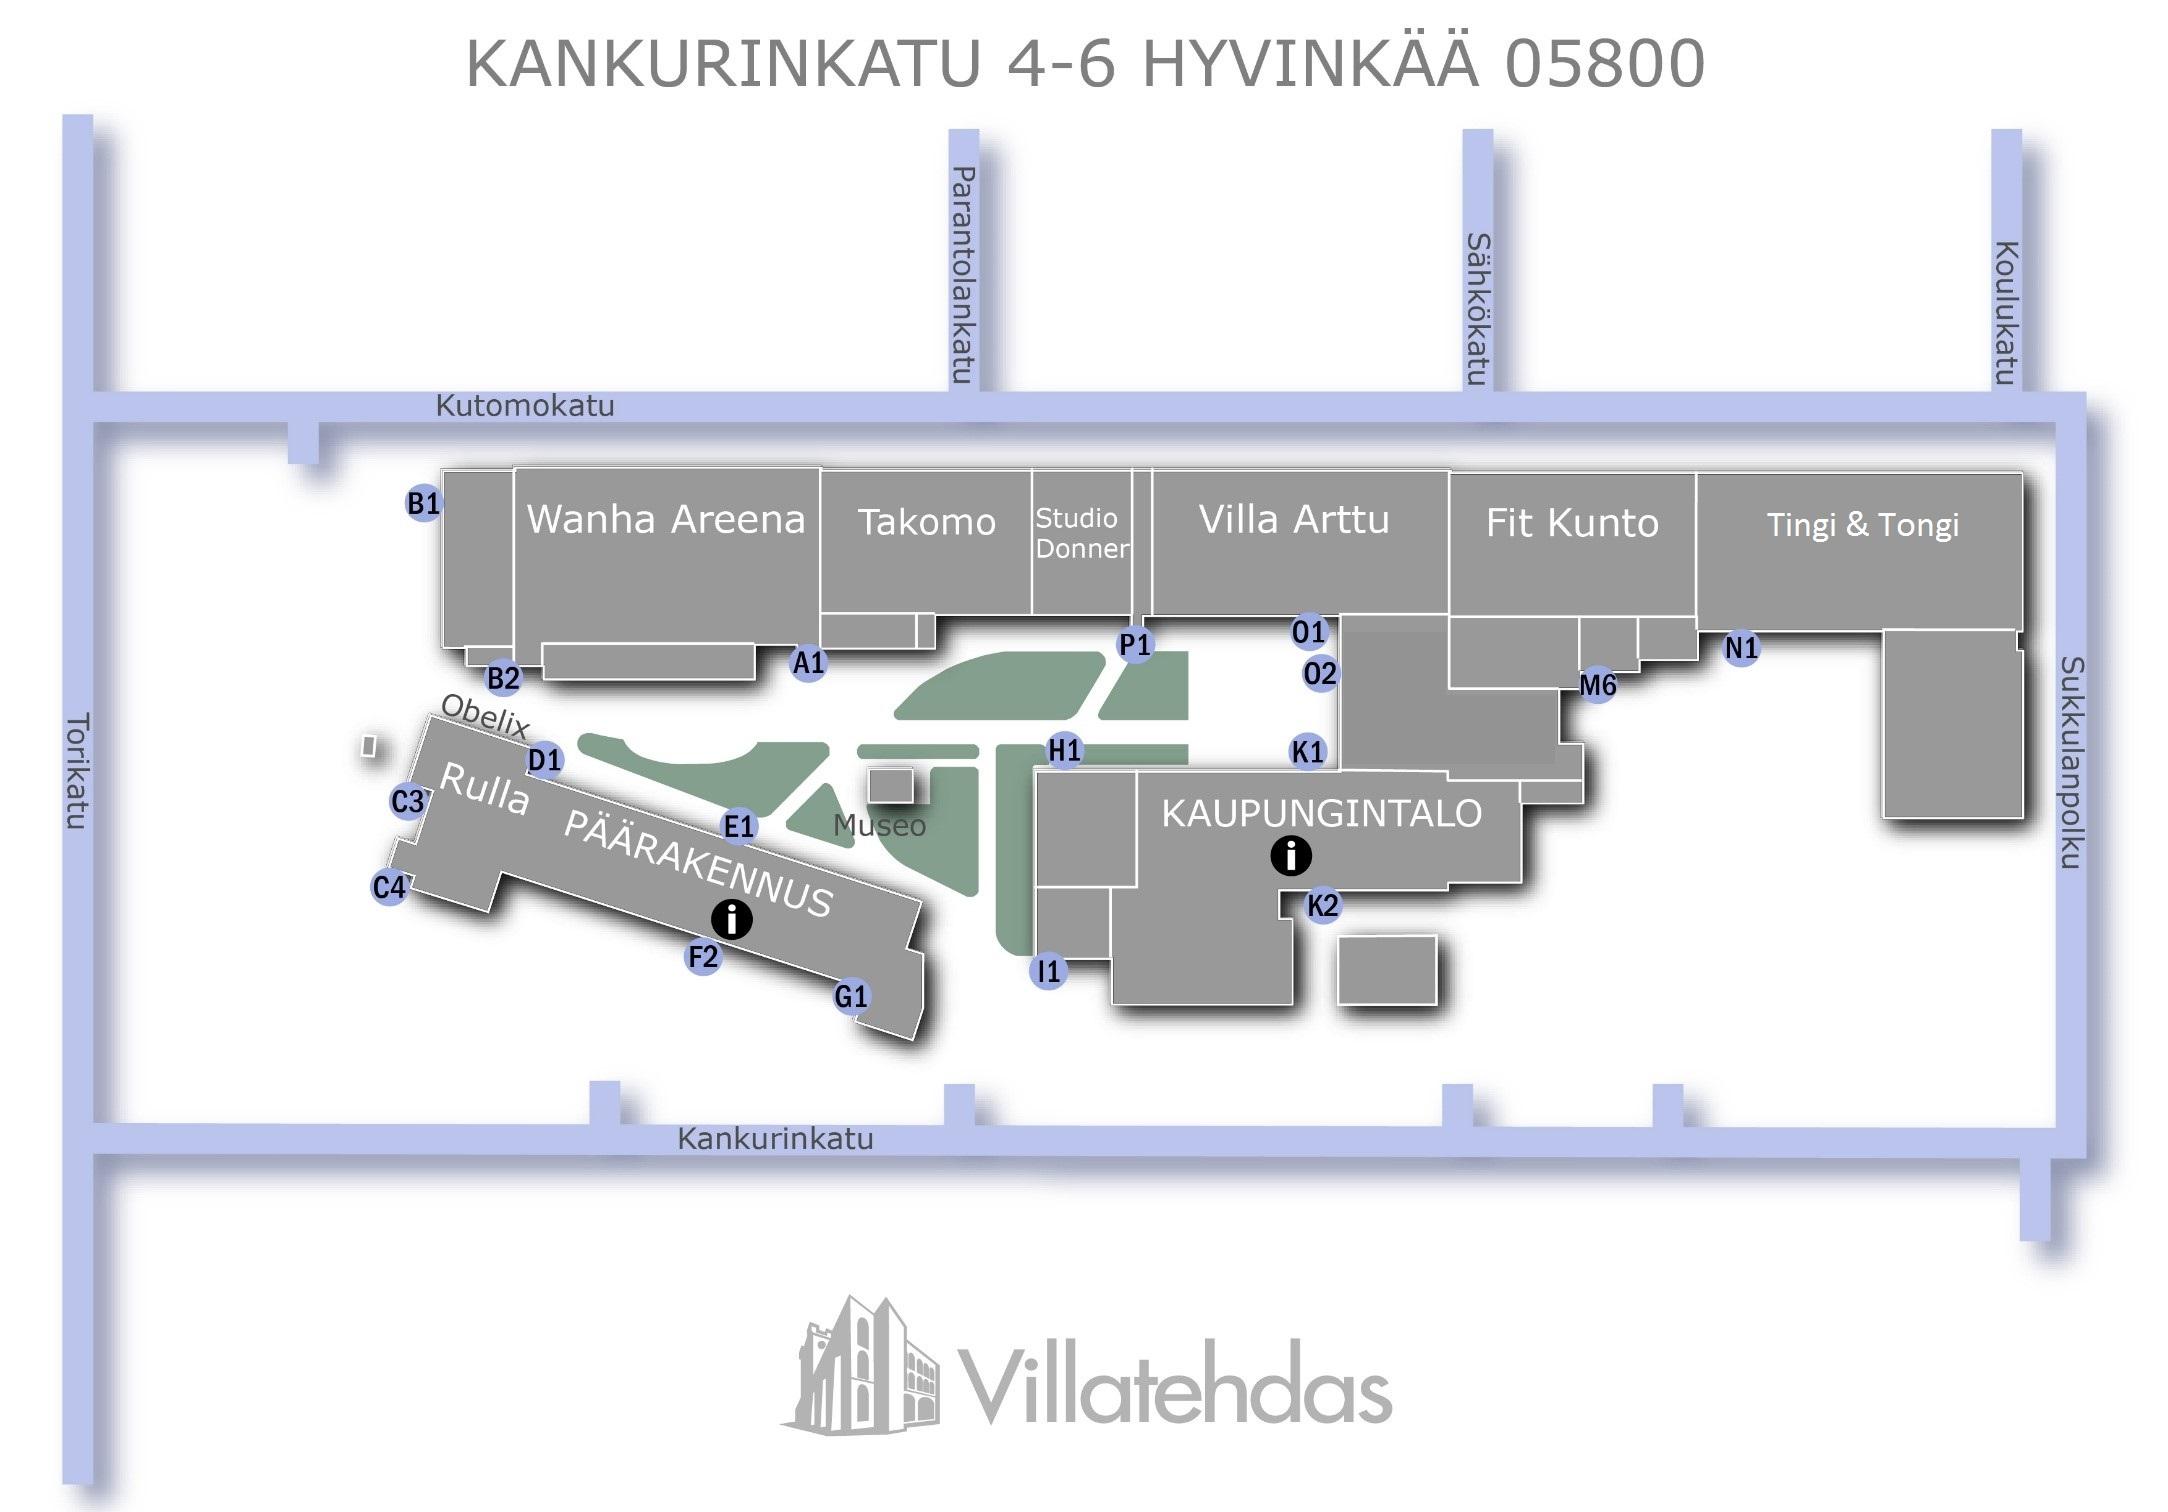 Yhteystiedot Villatehdas